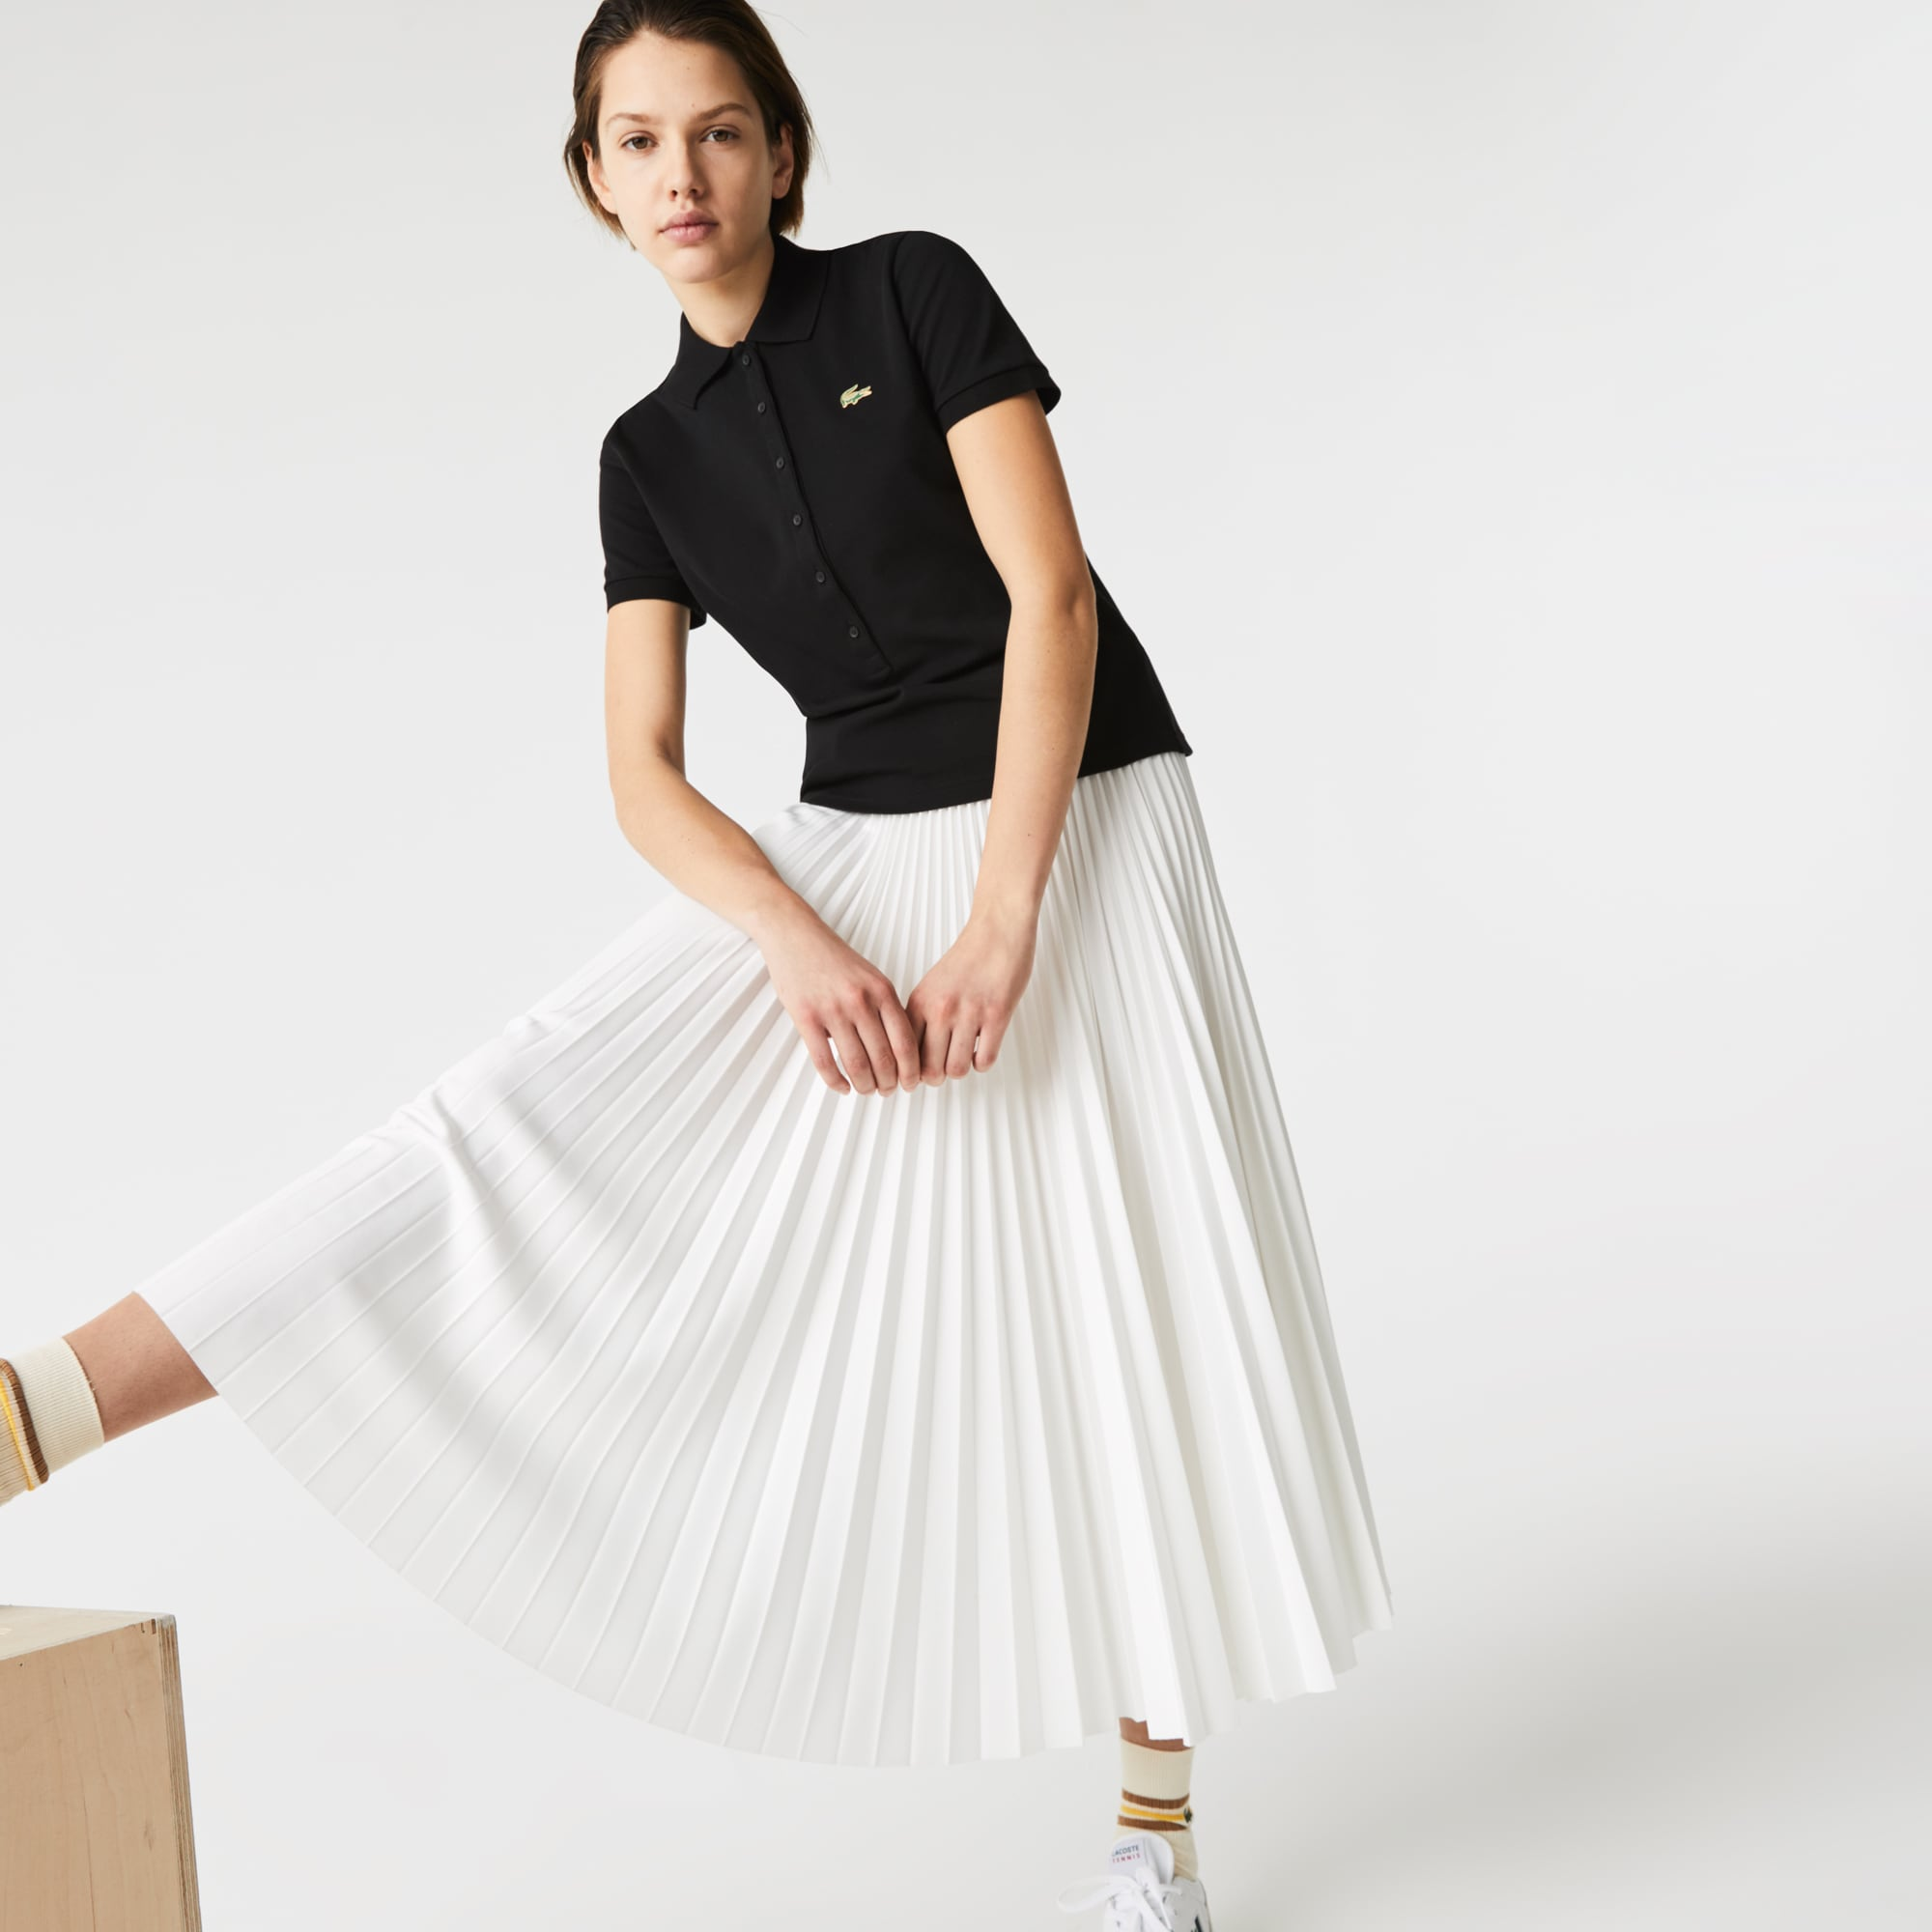 Lacoste Women's LIVE Slim Fit Stretch Cotton Pique Polo Shirt